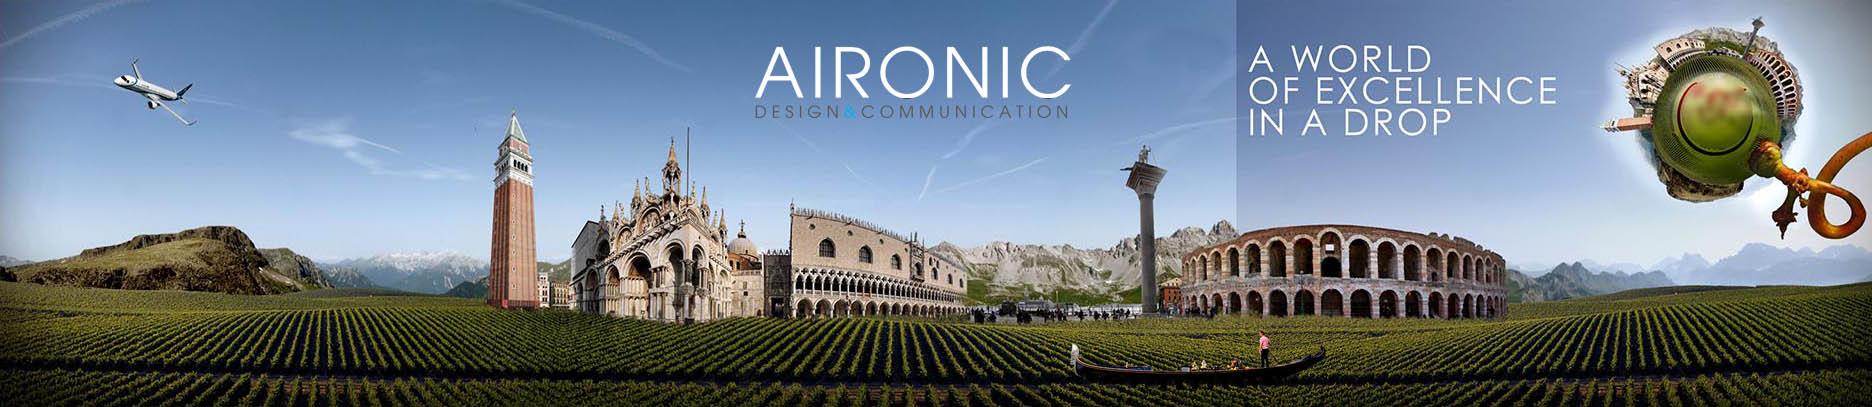 aironic_ugo_capparelli_comunicazione_visual__enogastronomia_